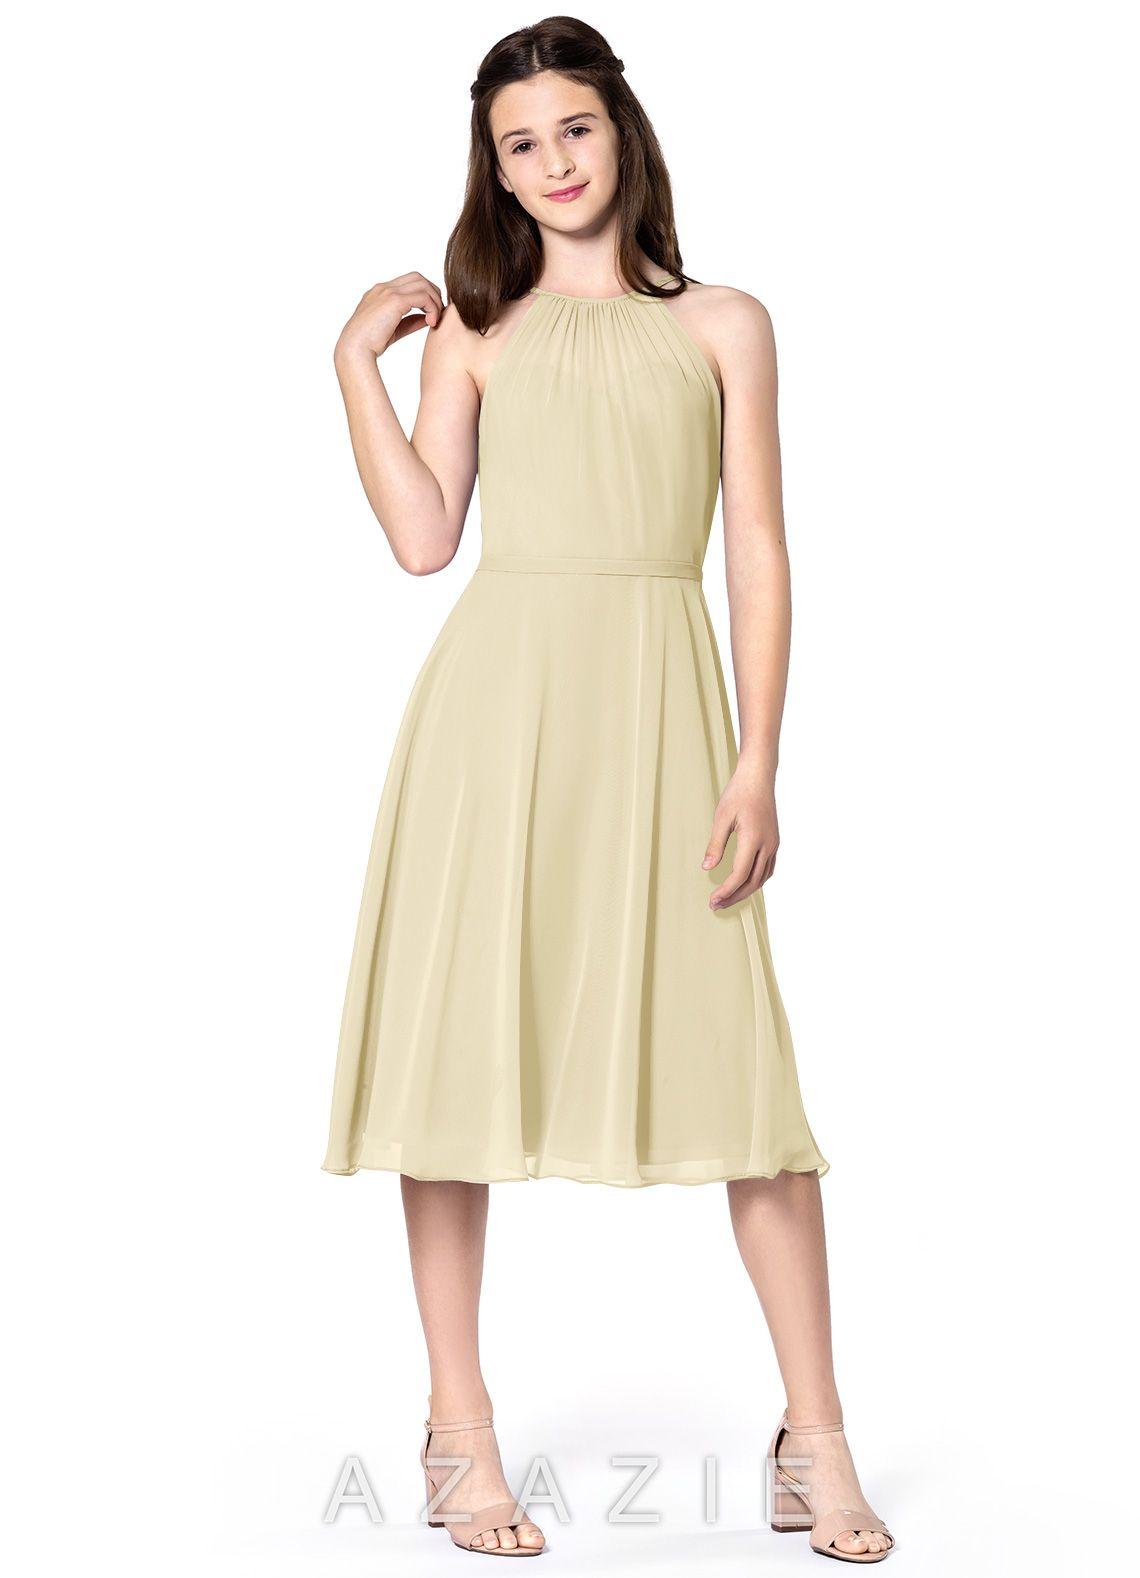 5c1e1e3dd96 Azazie Alayna JBD Junior Bridesmaid Dress